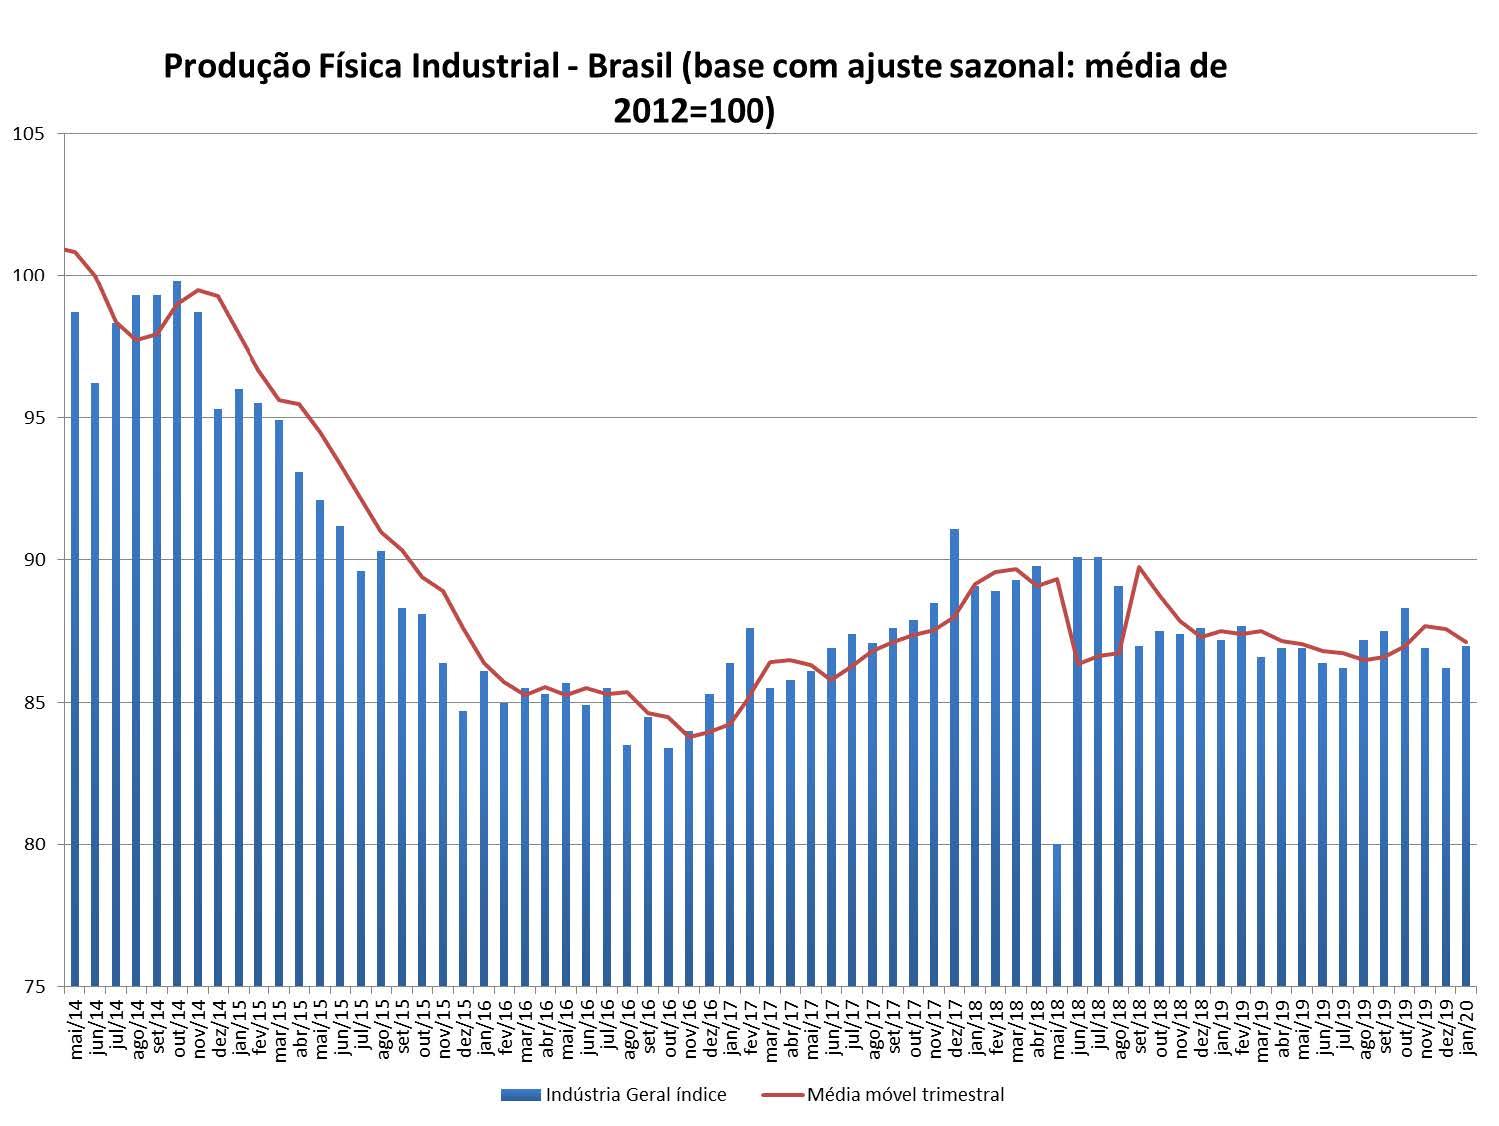 Produção física industrial - Brasil - PIM-PF Janeiro de 2020